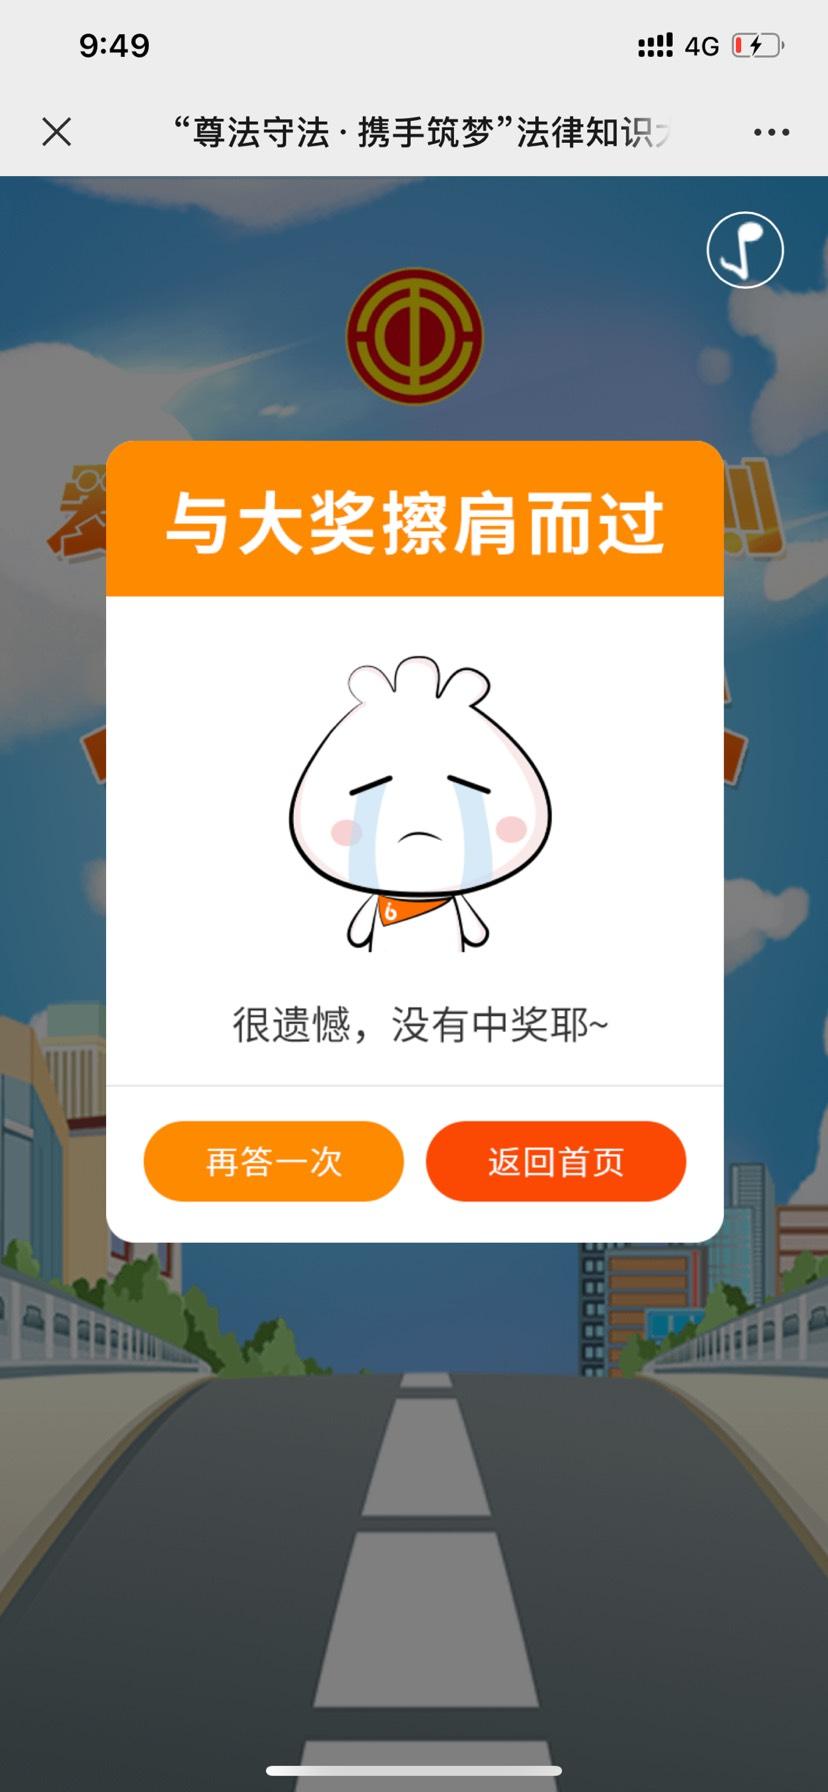 【现金红包】宪法大闯关抽红包-聚合资源网